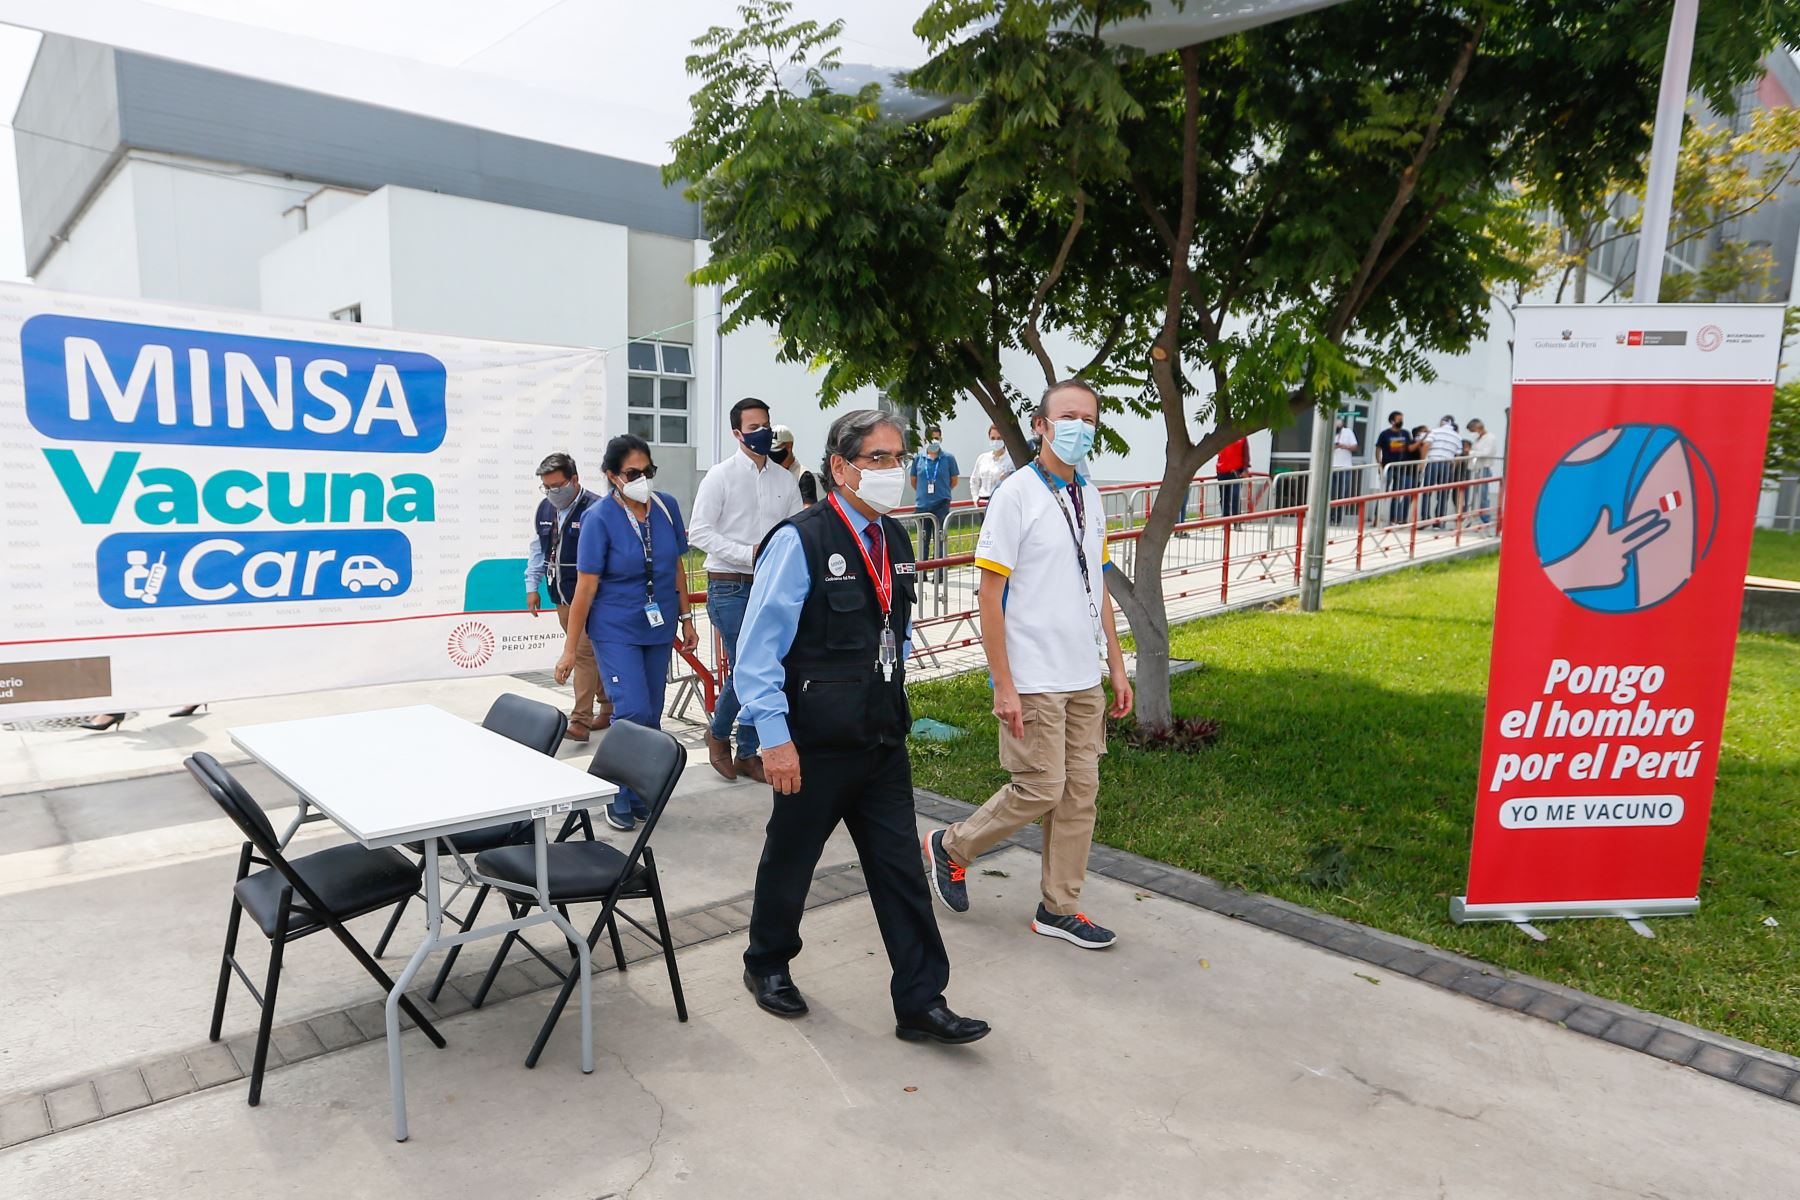 Ministro de Salud Óscar Ugarte inspecciona el espacio donde se prestará el servicio de VACUNACAR en la Videna. Foto:ANDINA/Minsa